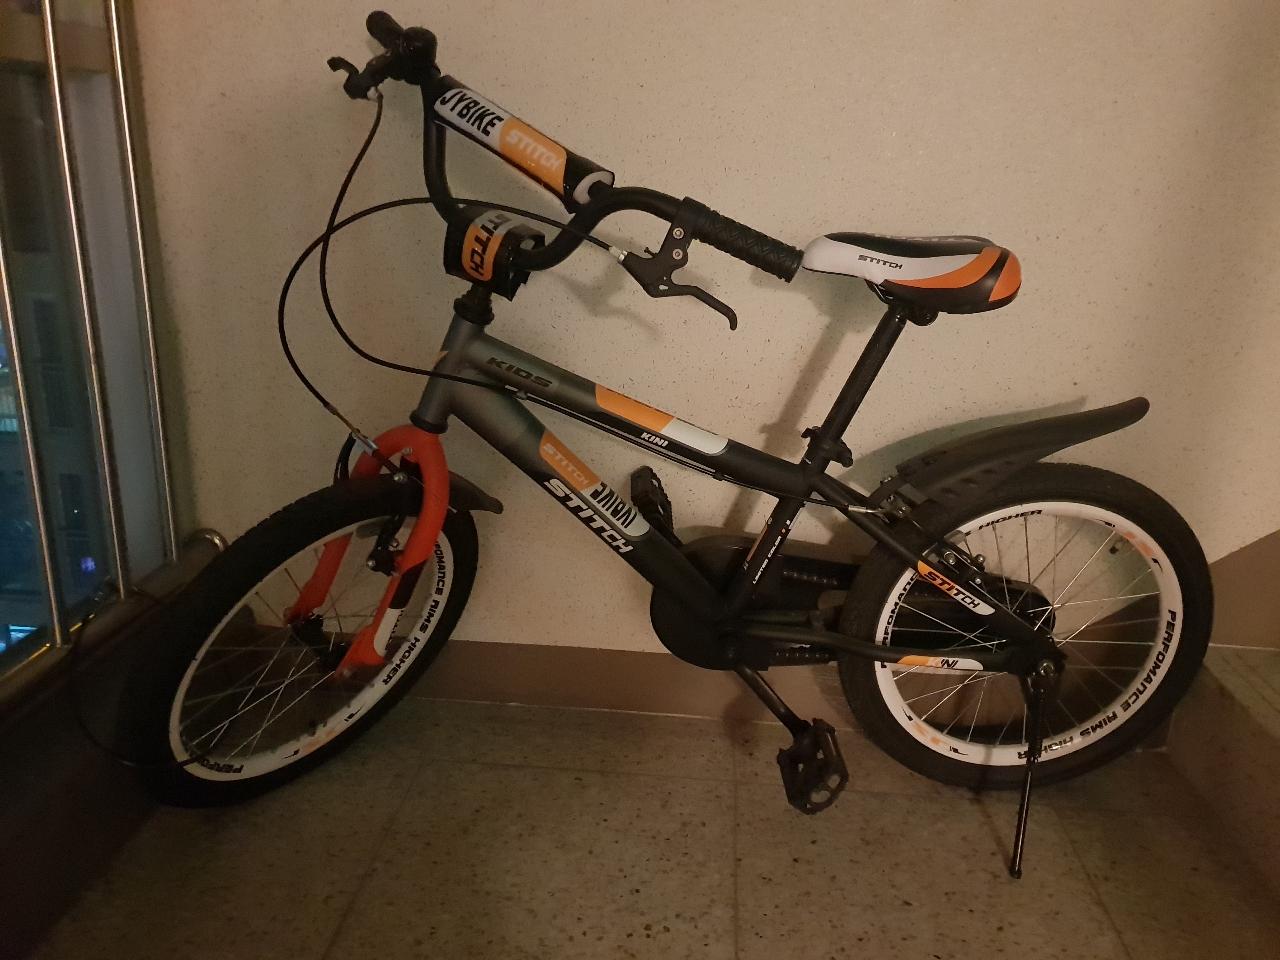 #키니자전거 #18인치자전거 #보조바퀴자전거